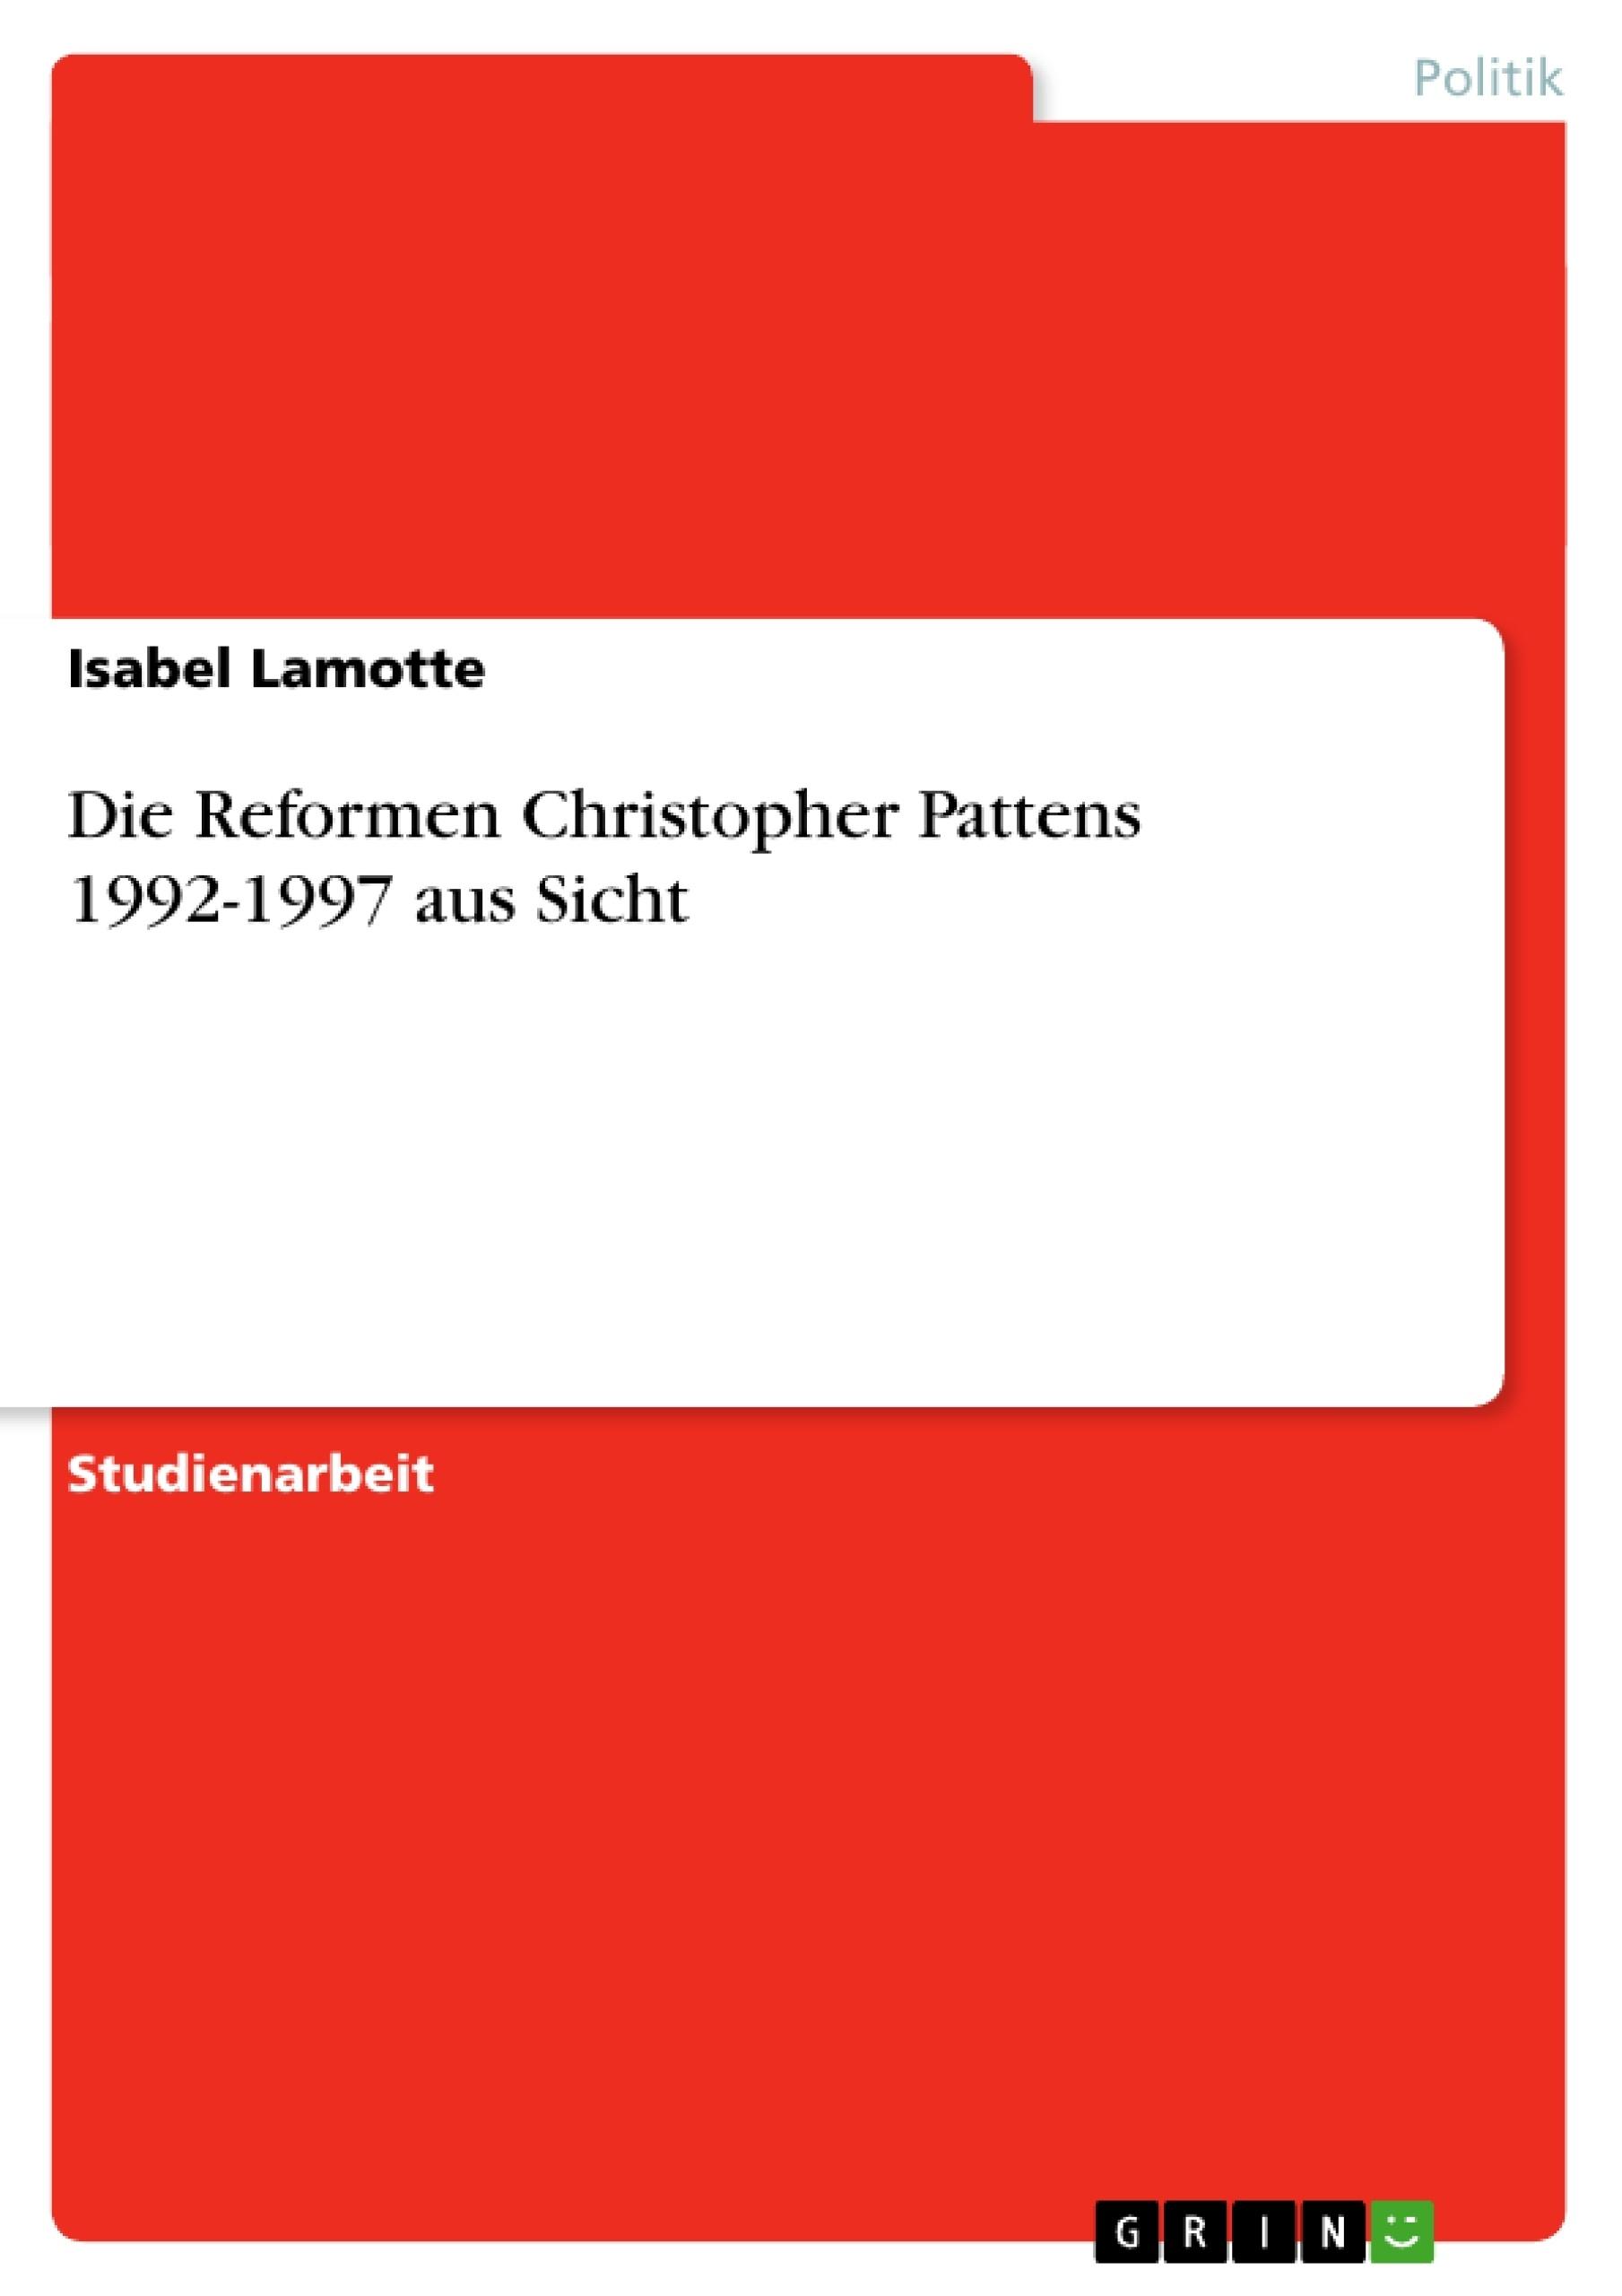 Titel: Die Reformen Christopher Pattens 1992-1997 aus Sicht